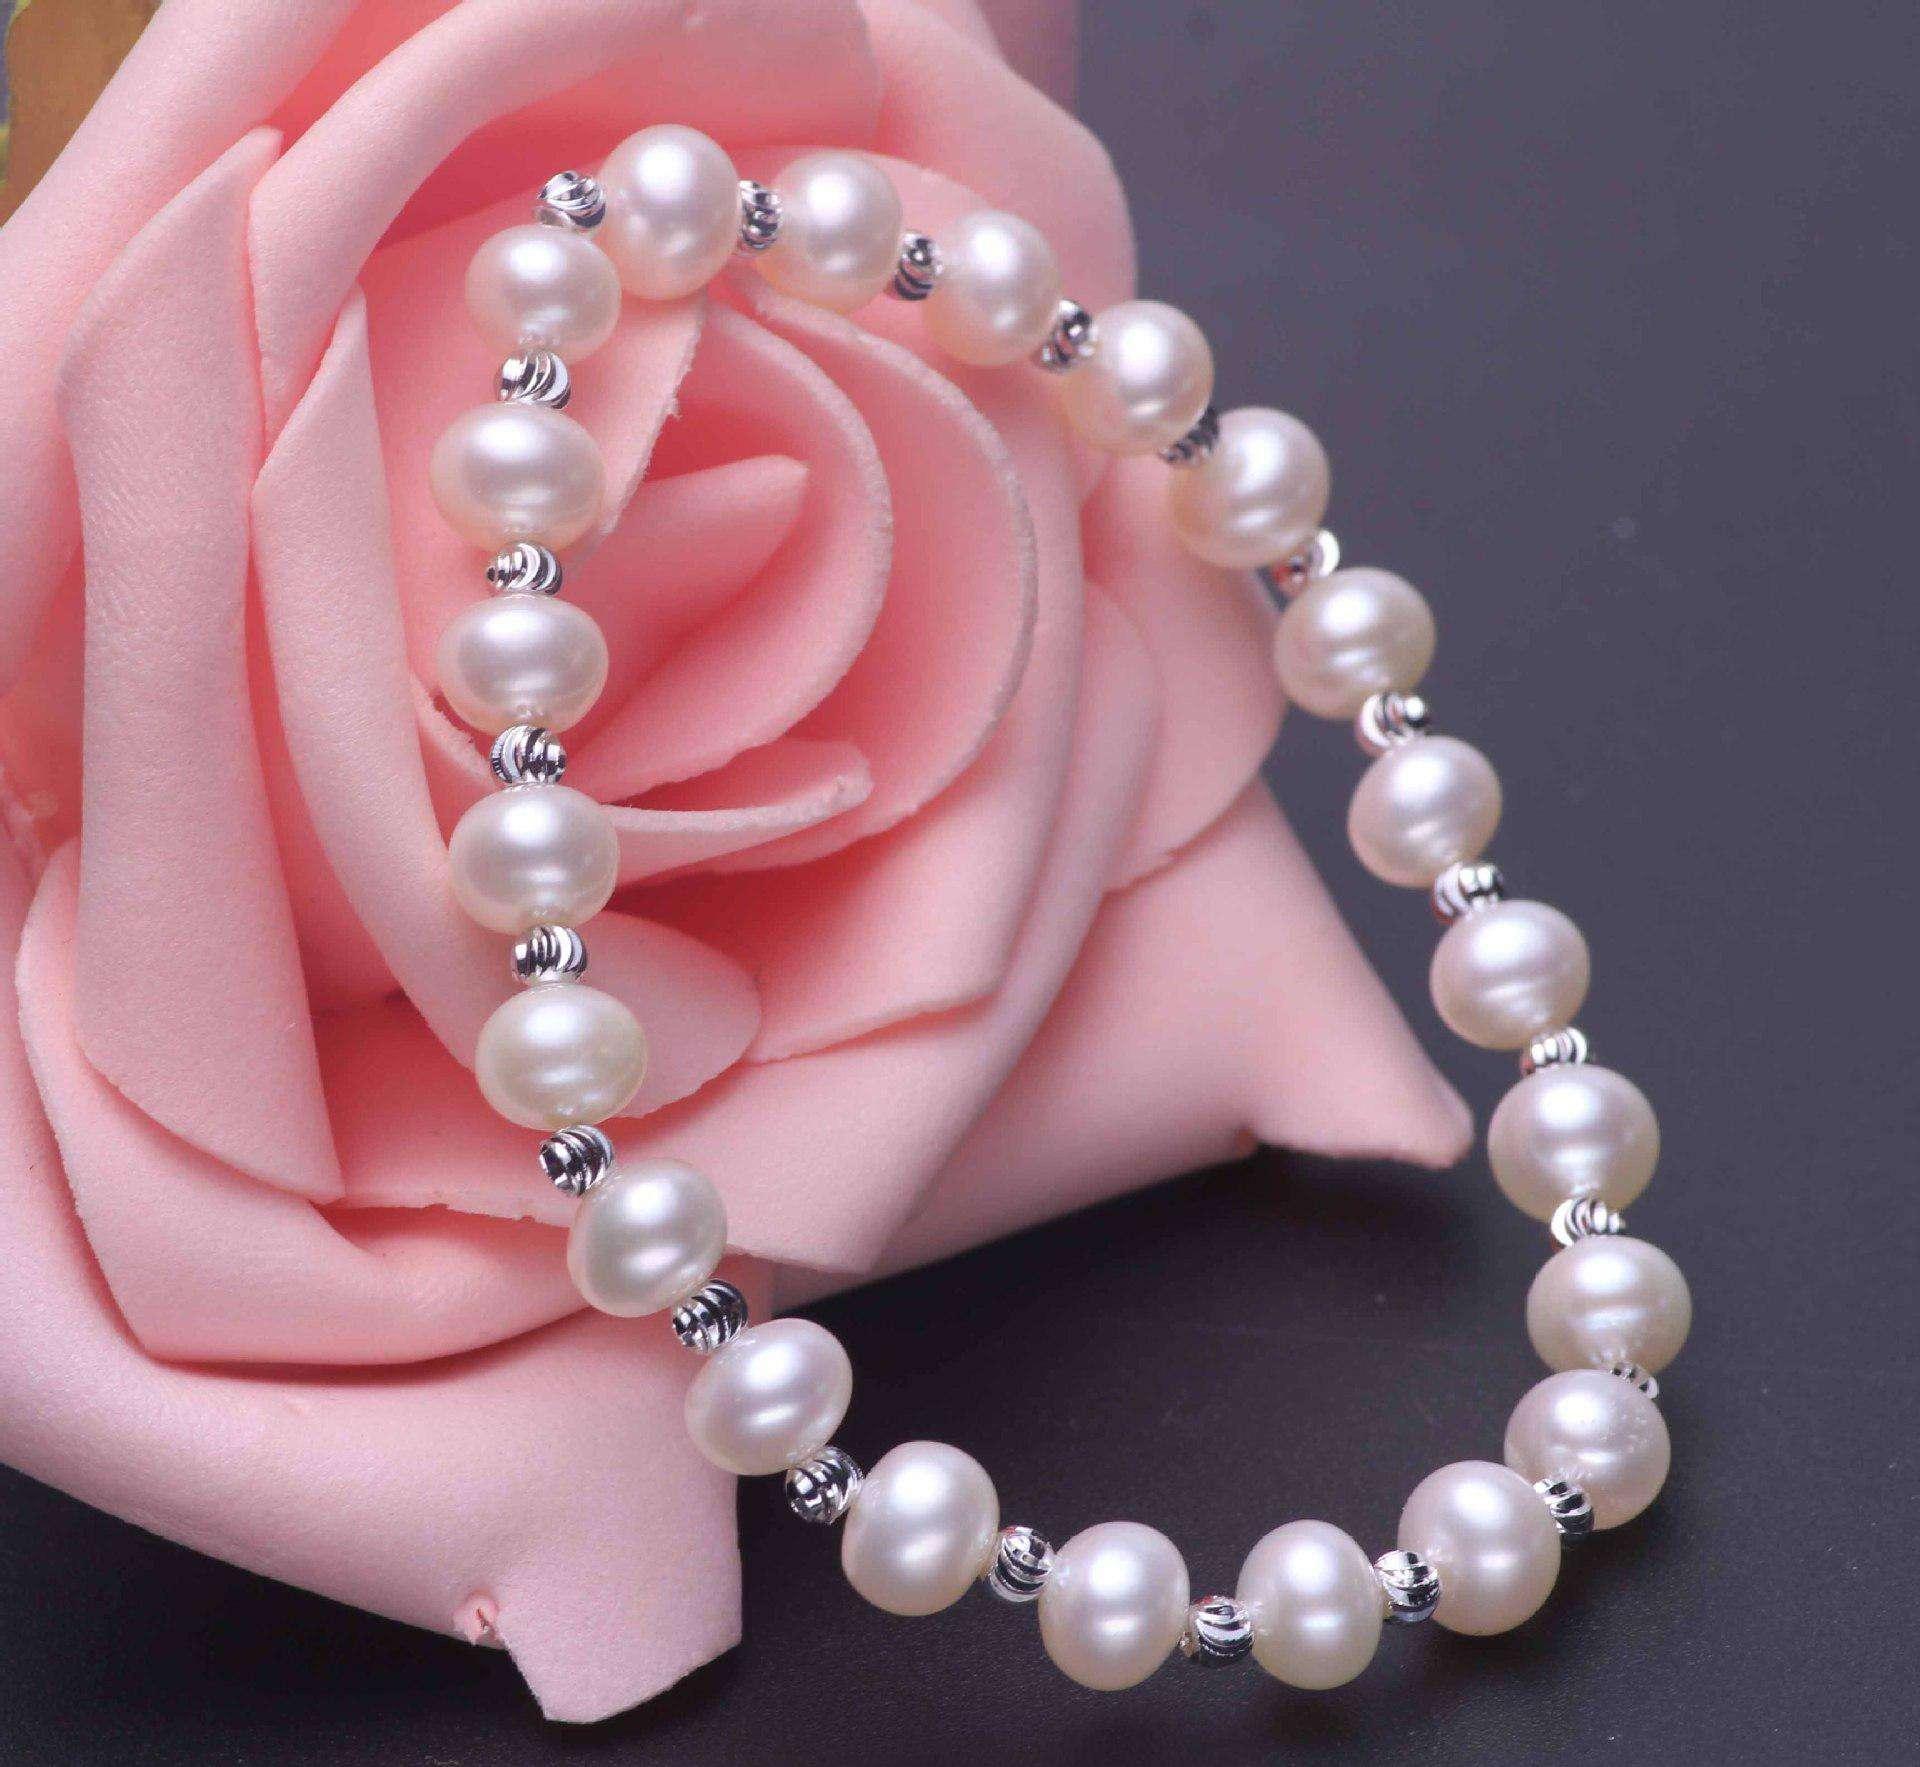 珍珠,珍珠手链,手链